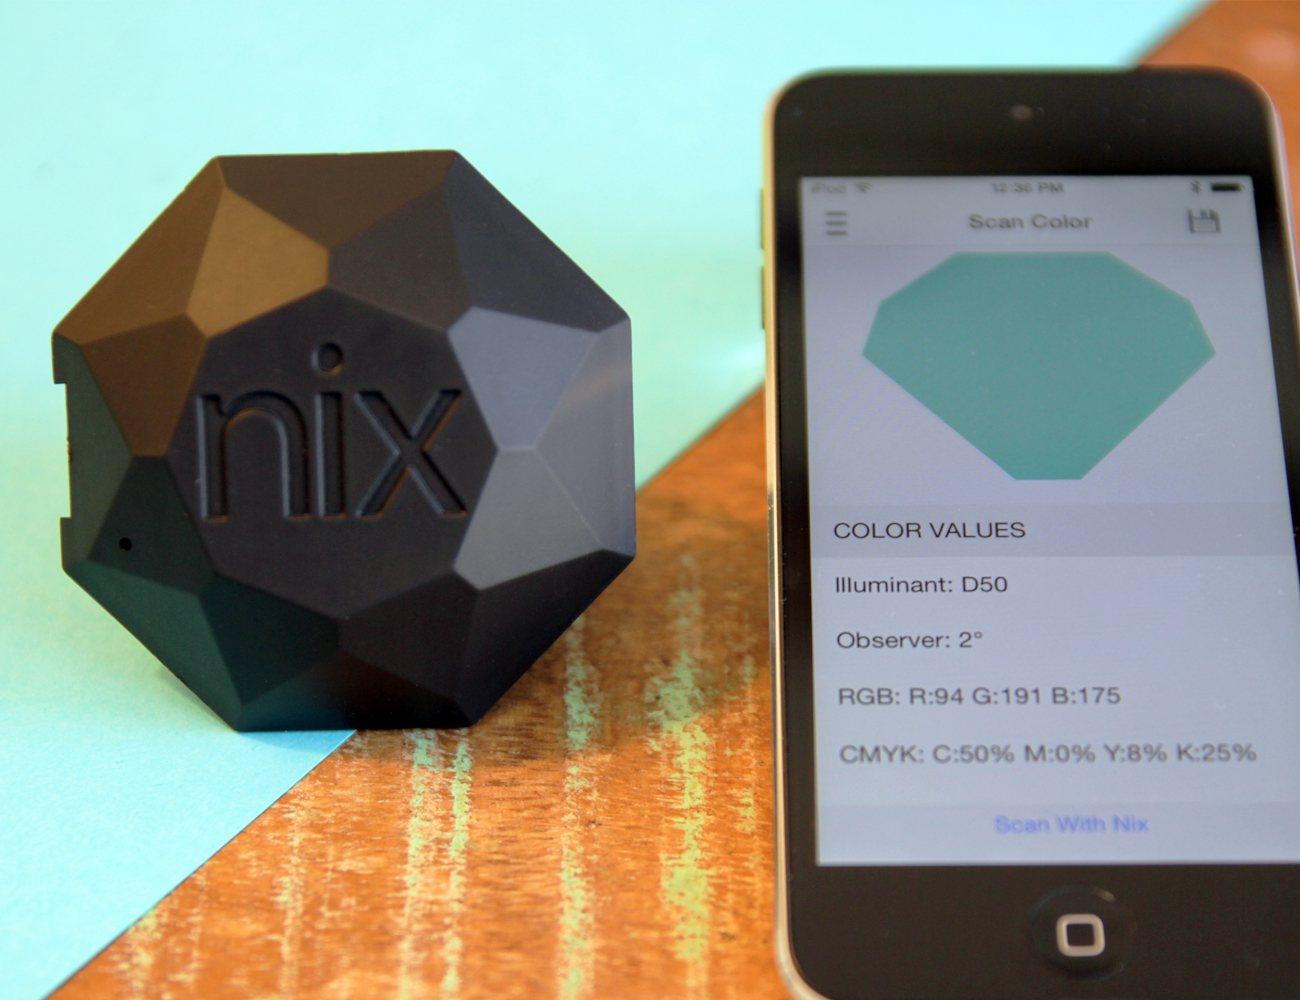 Nix Pro Color Sensor 187 Review